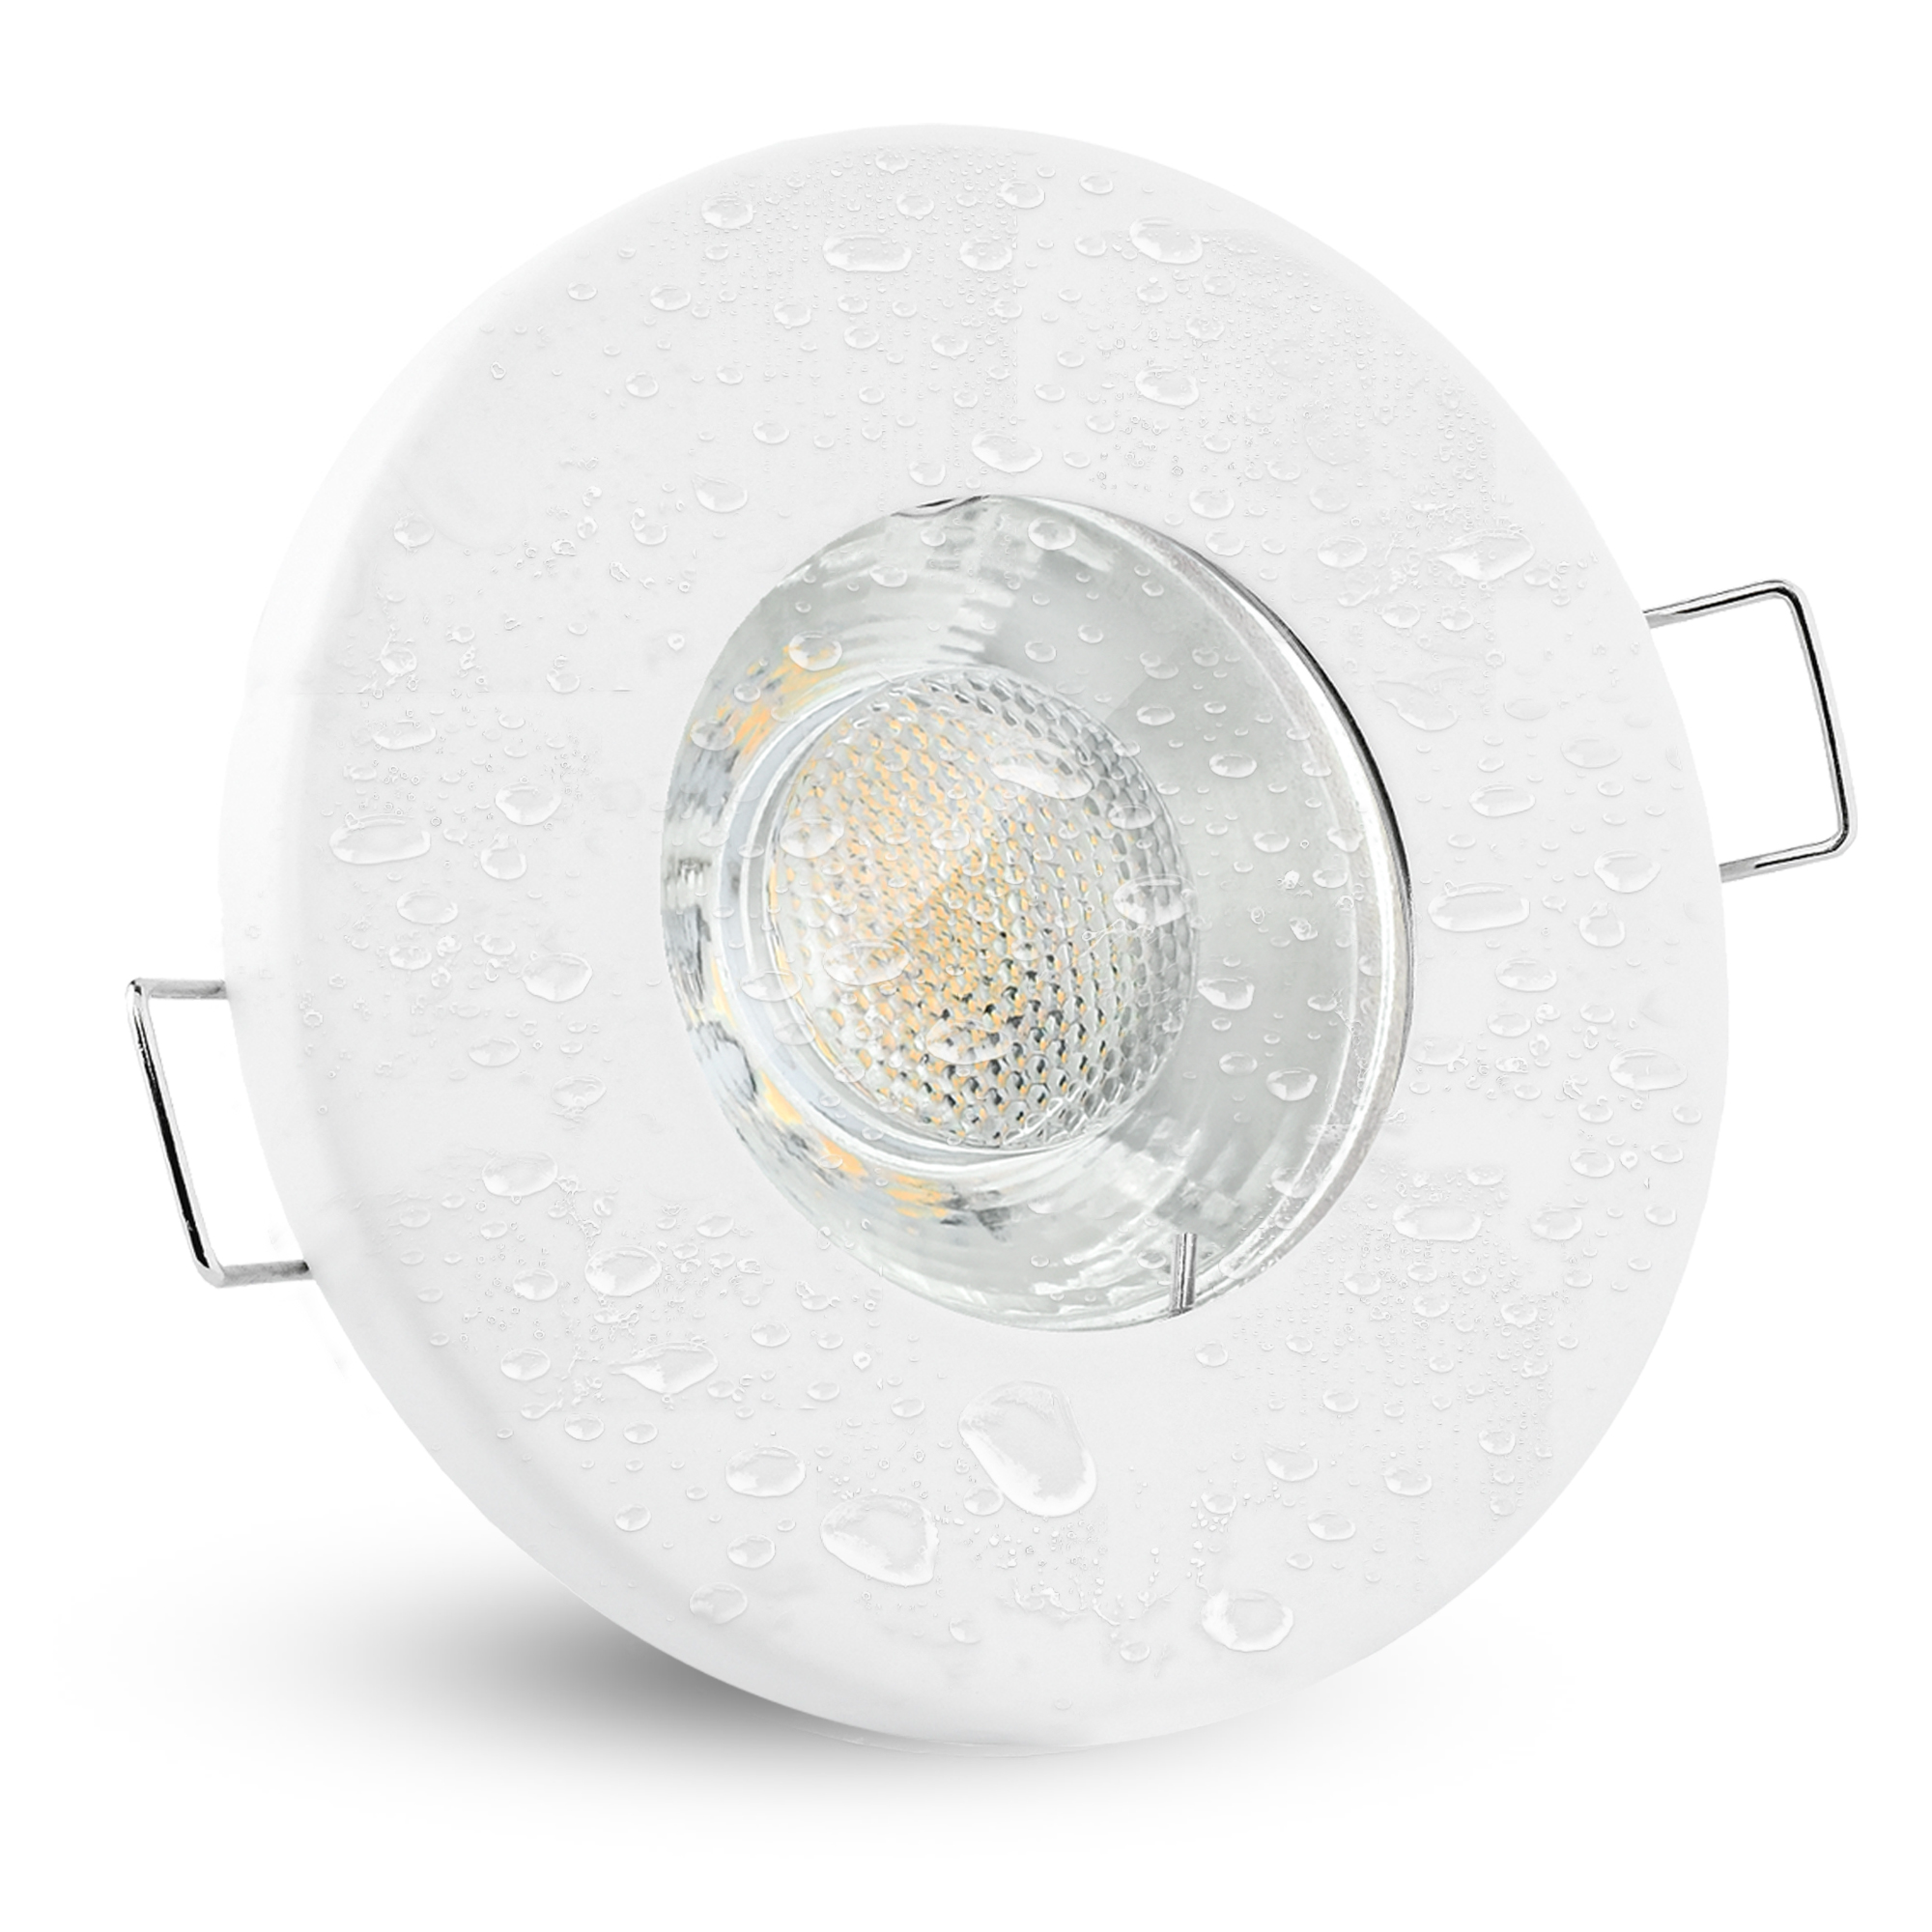 LED Einbaustrahler IP20 warmweiß GU20 20W 2200V   Weiß rund starr ...